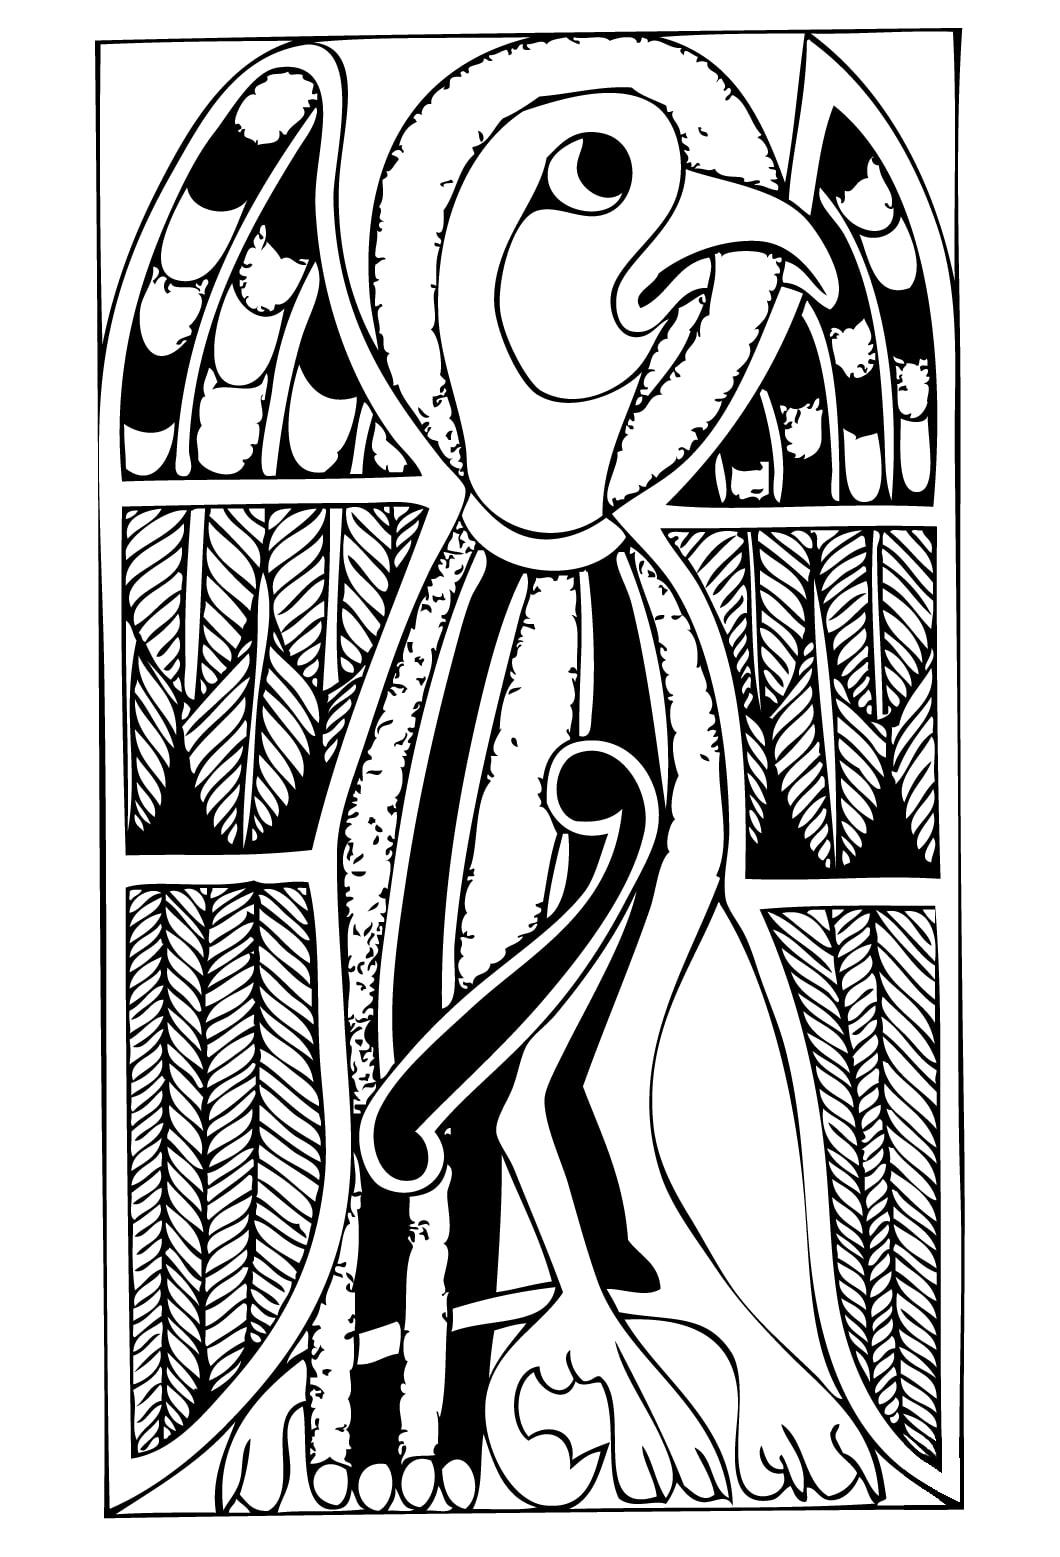 Colorear para Adultos : El Arte Celta - 6